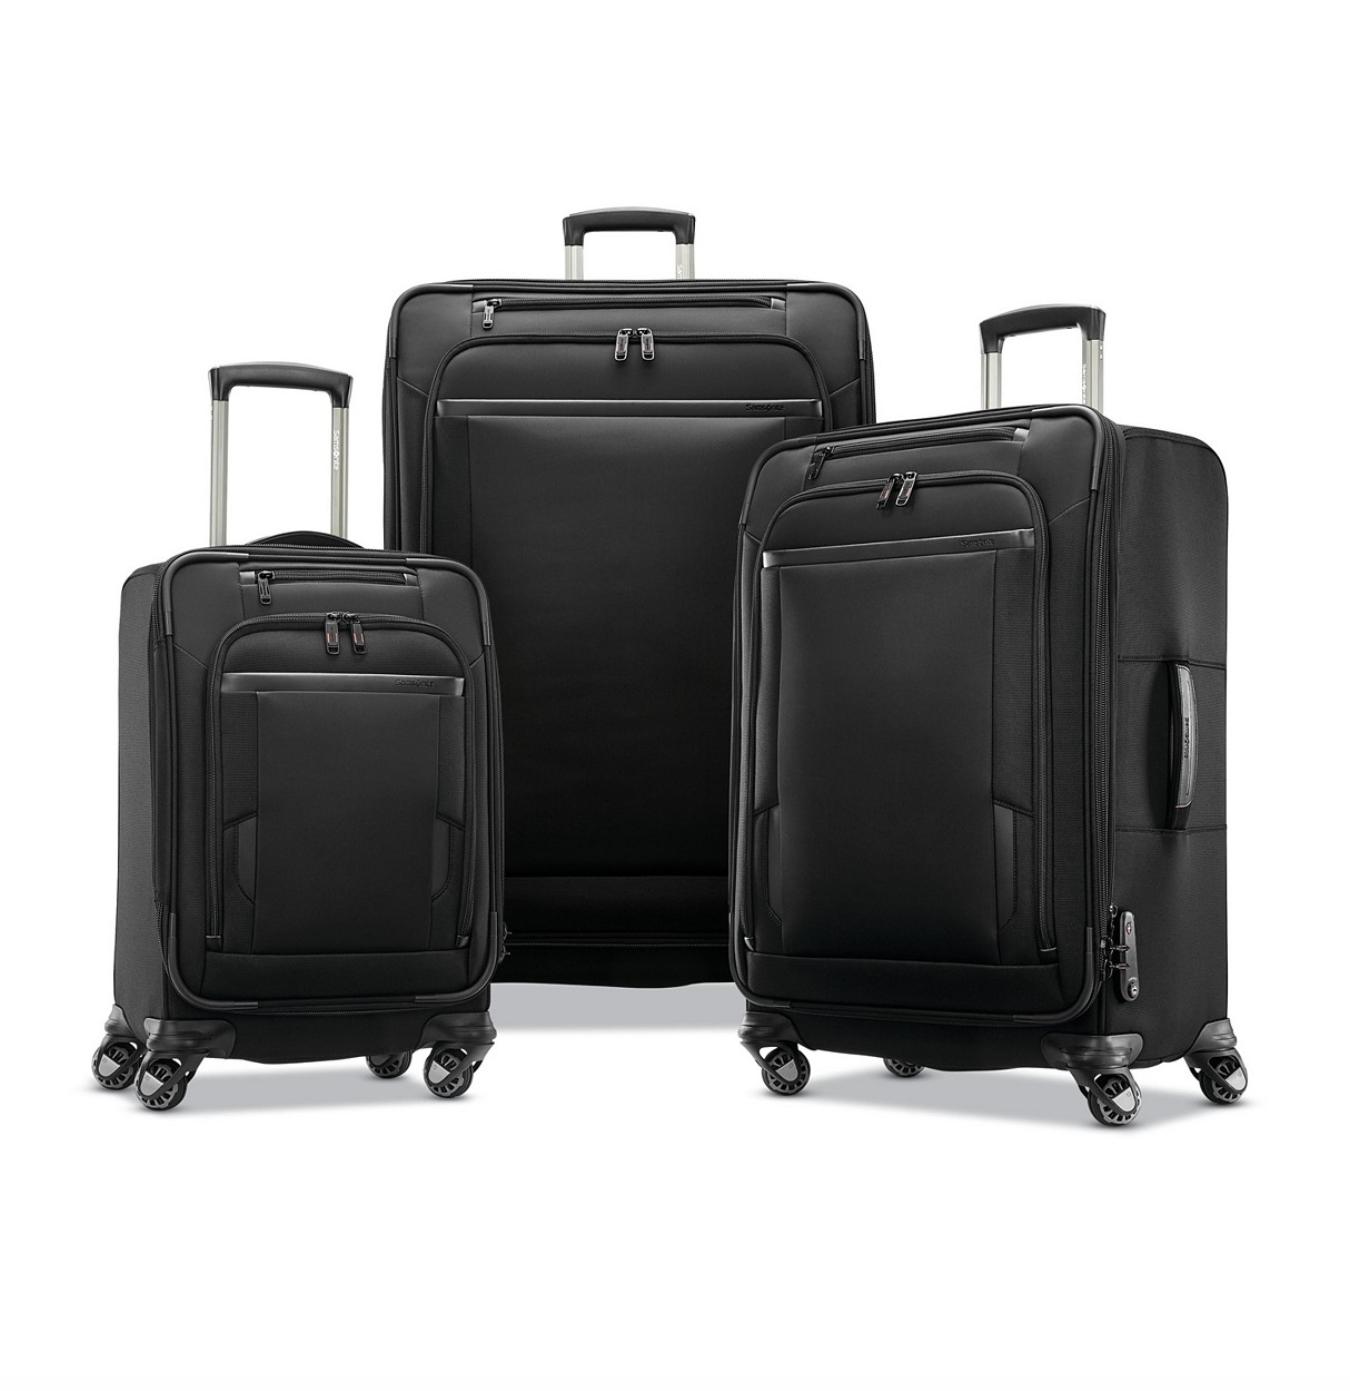 Samsonite Pro Travel Softside Luggage Set